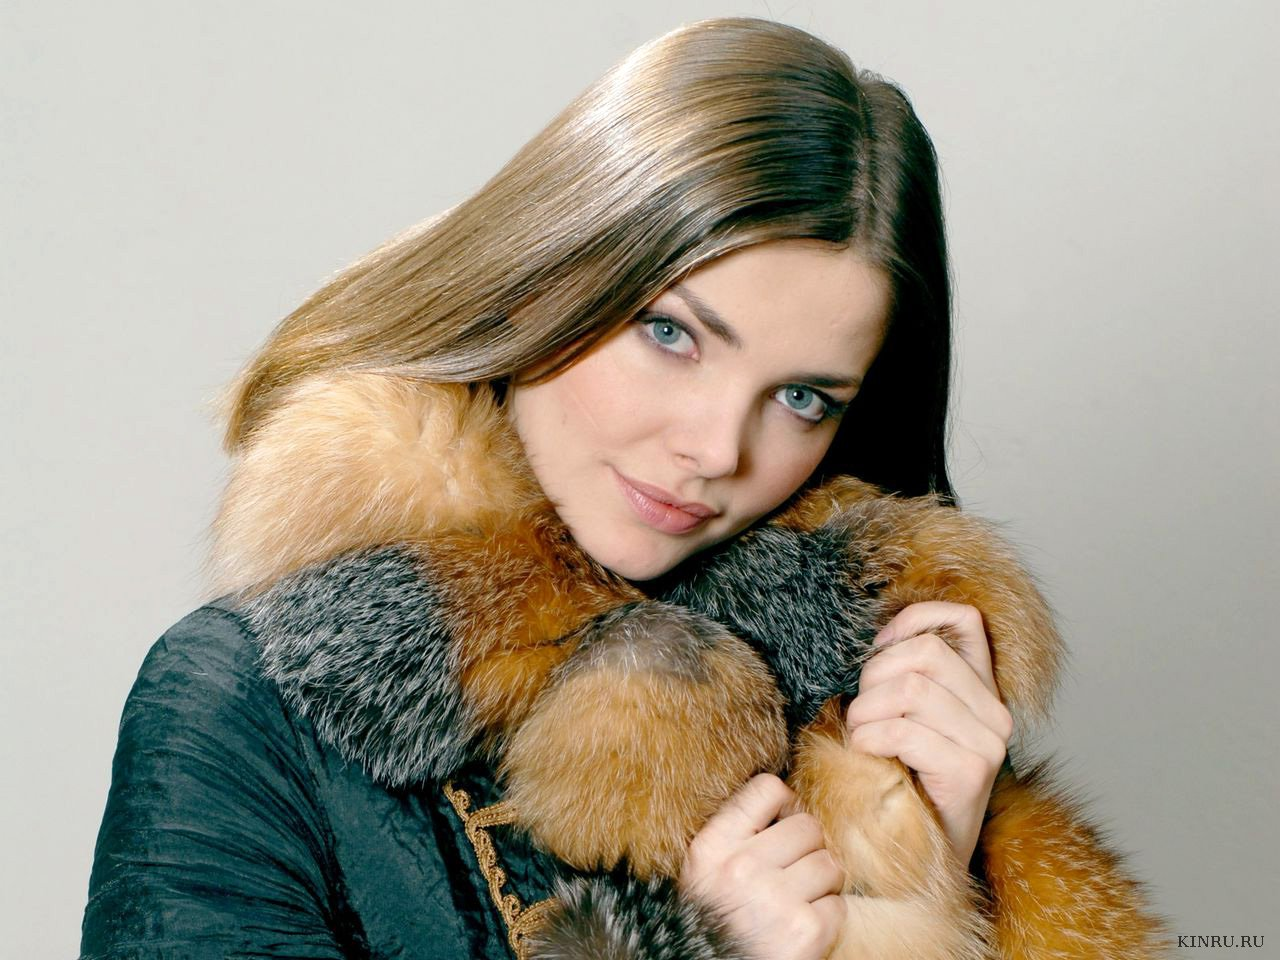 Секс символы российских актрис 16 фотография